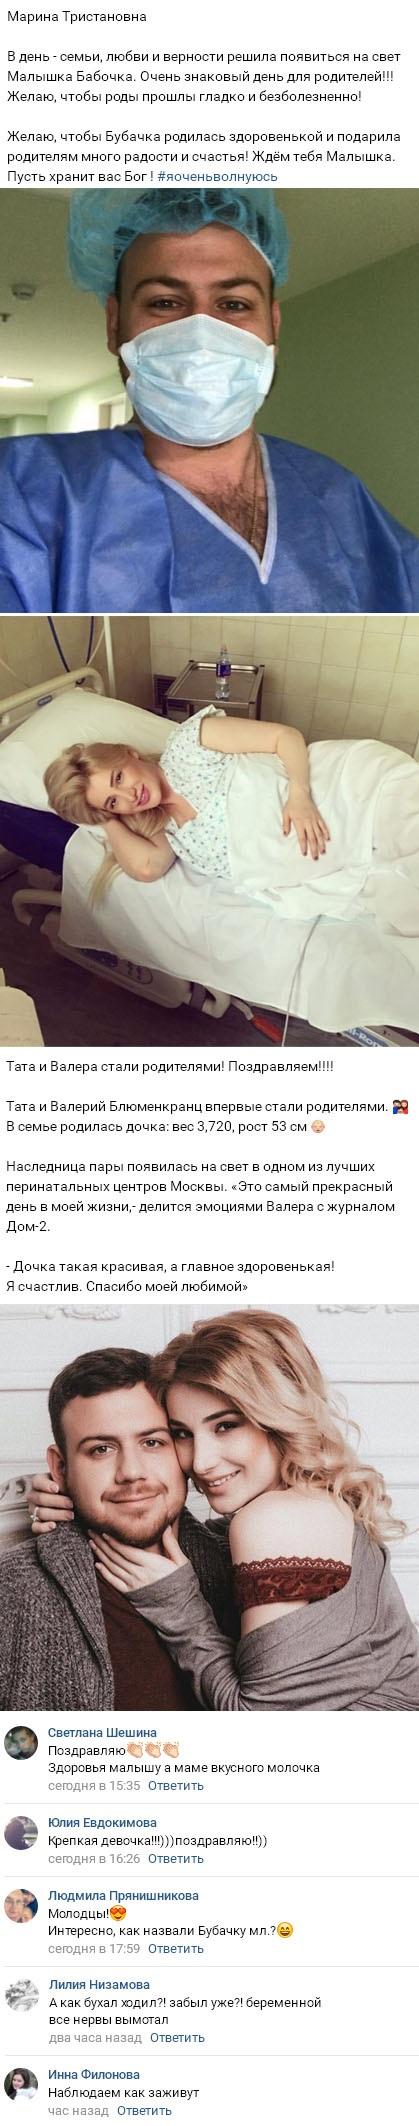 Валерий Блюменкранц и Тата Абрамсон впервые стали родителями